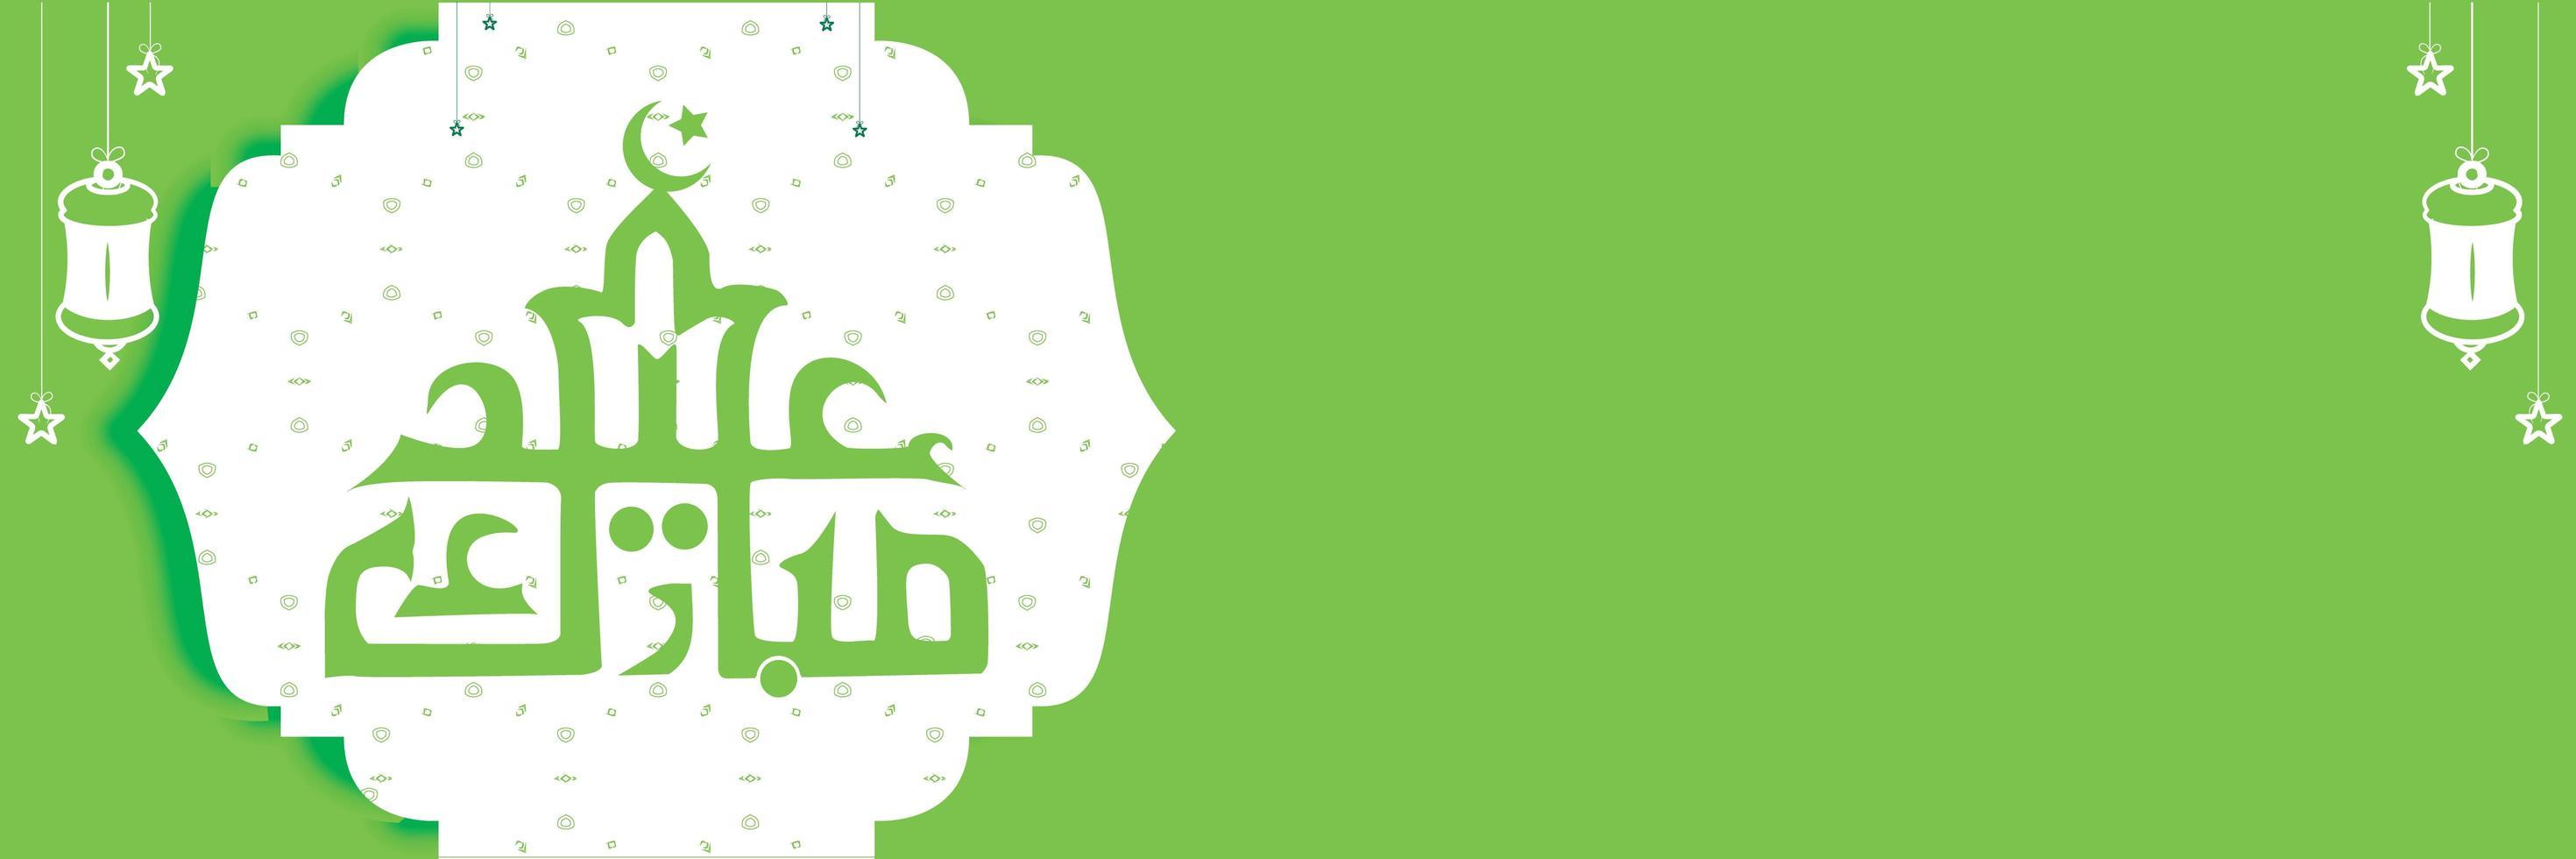 Eid Mubarak Design Banner mit grüner Hintergrundfarbe vektor